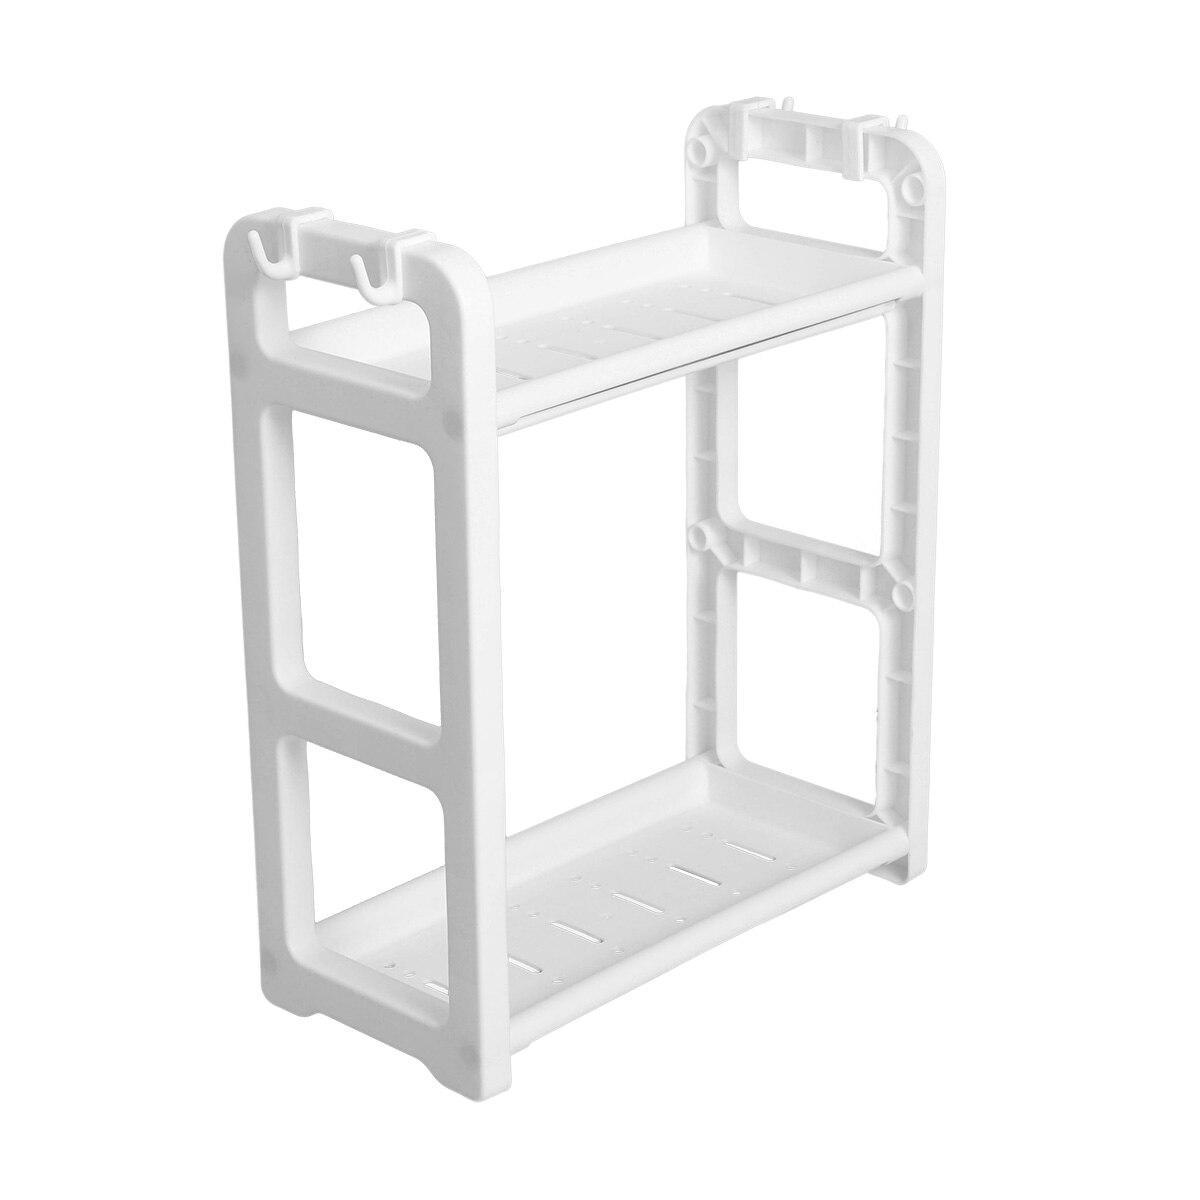 2-tier Tisch Stehenden Rack Küche Bad Regal Arbeitsplatte Lagerung Organizer Mit Haken (weiß) Modischer (In) Stil;